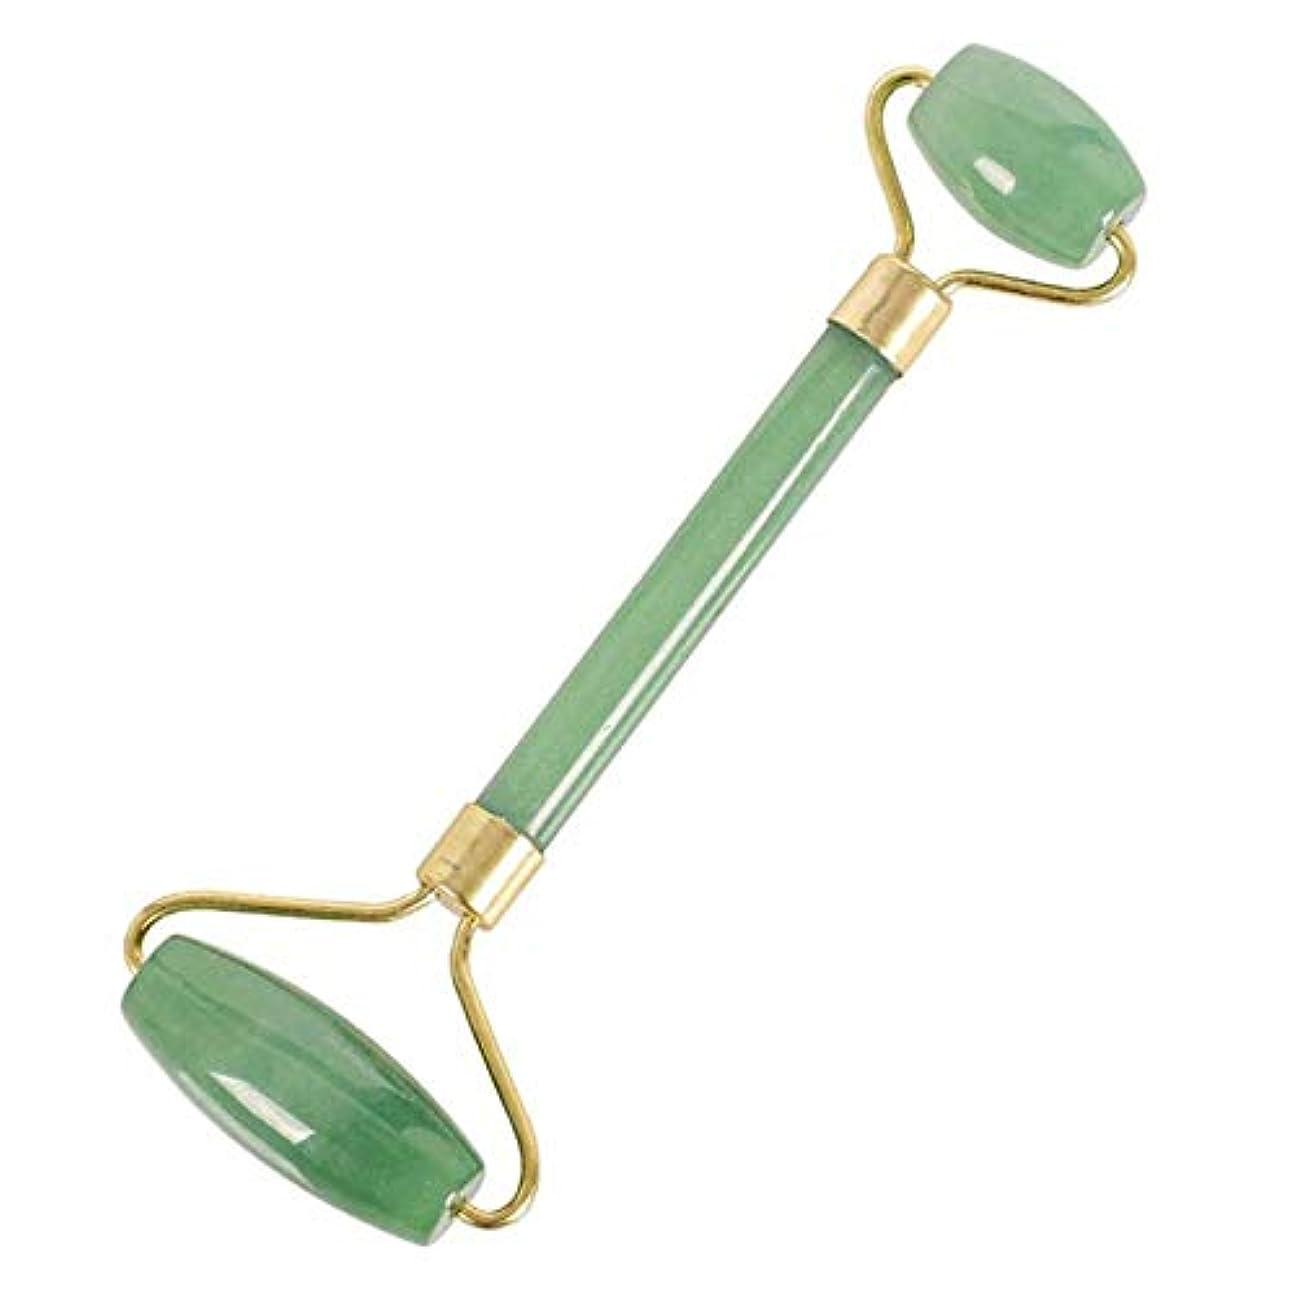 ブランデー美徳理容師Echo & Kern 翡翠フェイスマッサジローラー Double head Jade Stone Derma Roller (green jade roller)